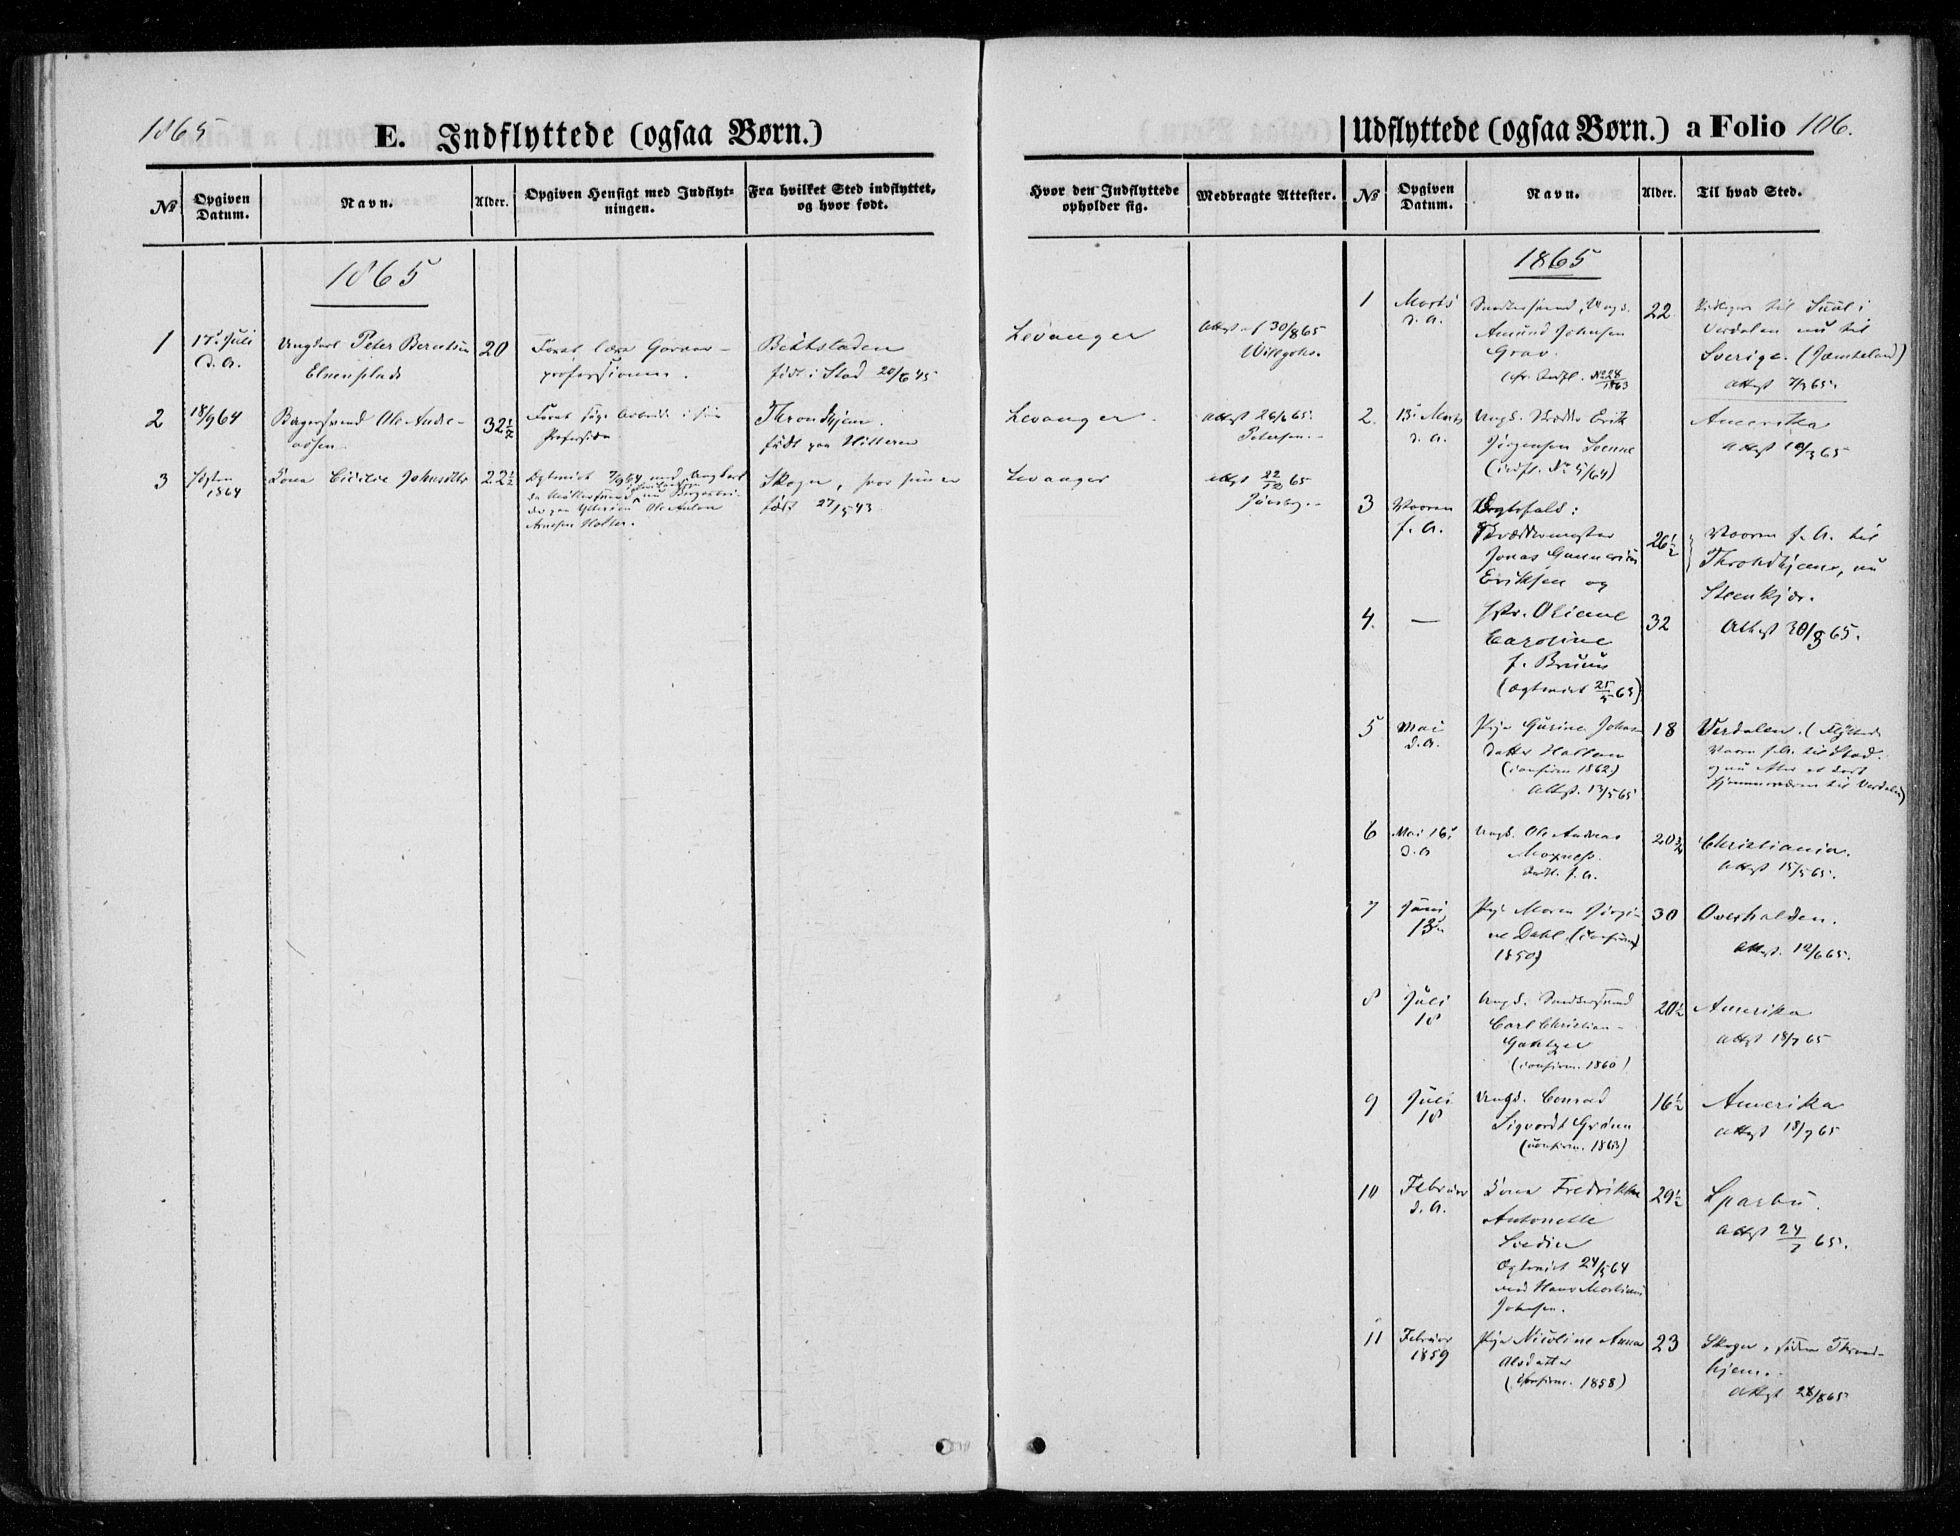 SAT, Ministerialprotokoller, klokkerbøker og fødselsregistre - Nord-Trøndelag, 720/L0186: Ministerialbok nr. 720A03, 1864-1874, s. 106